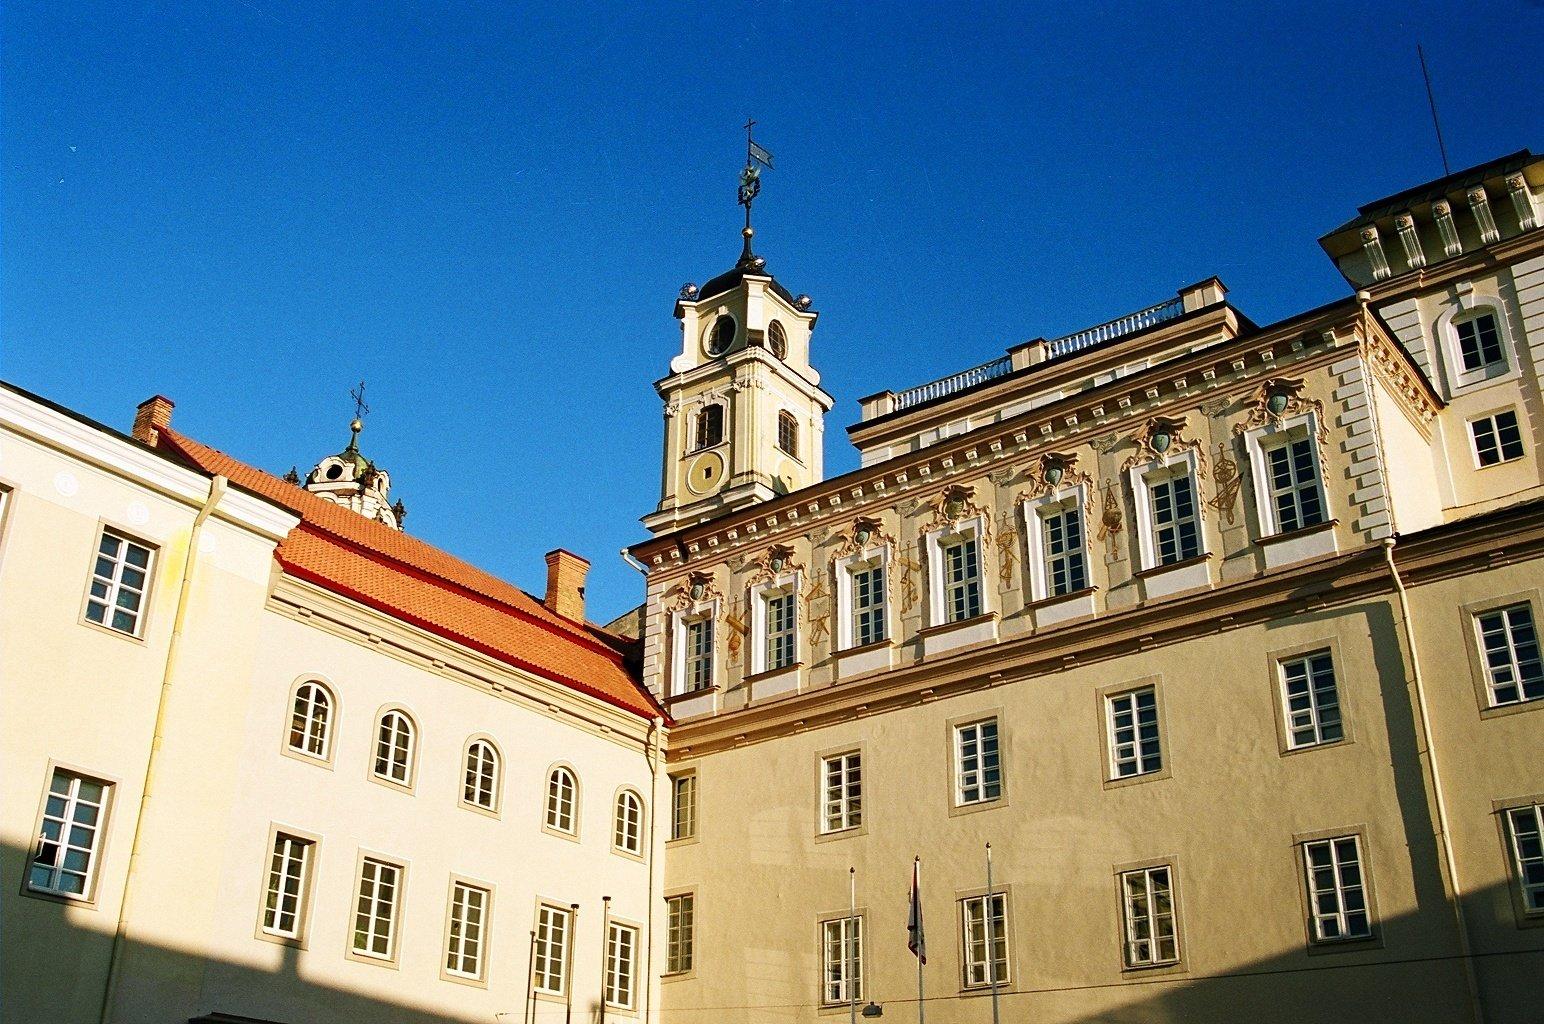 Vilniaus universitete mokymo procesas keturias savaites vyks nuotoliniu būdu